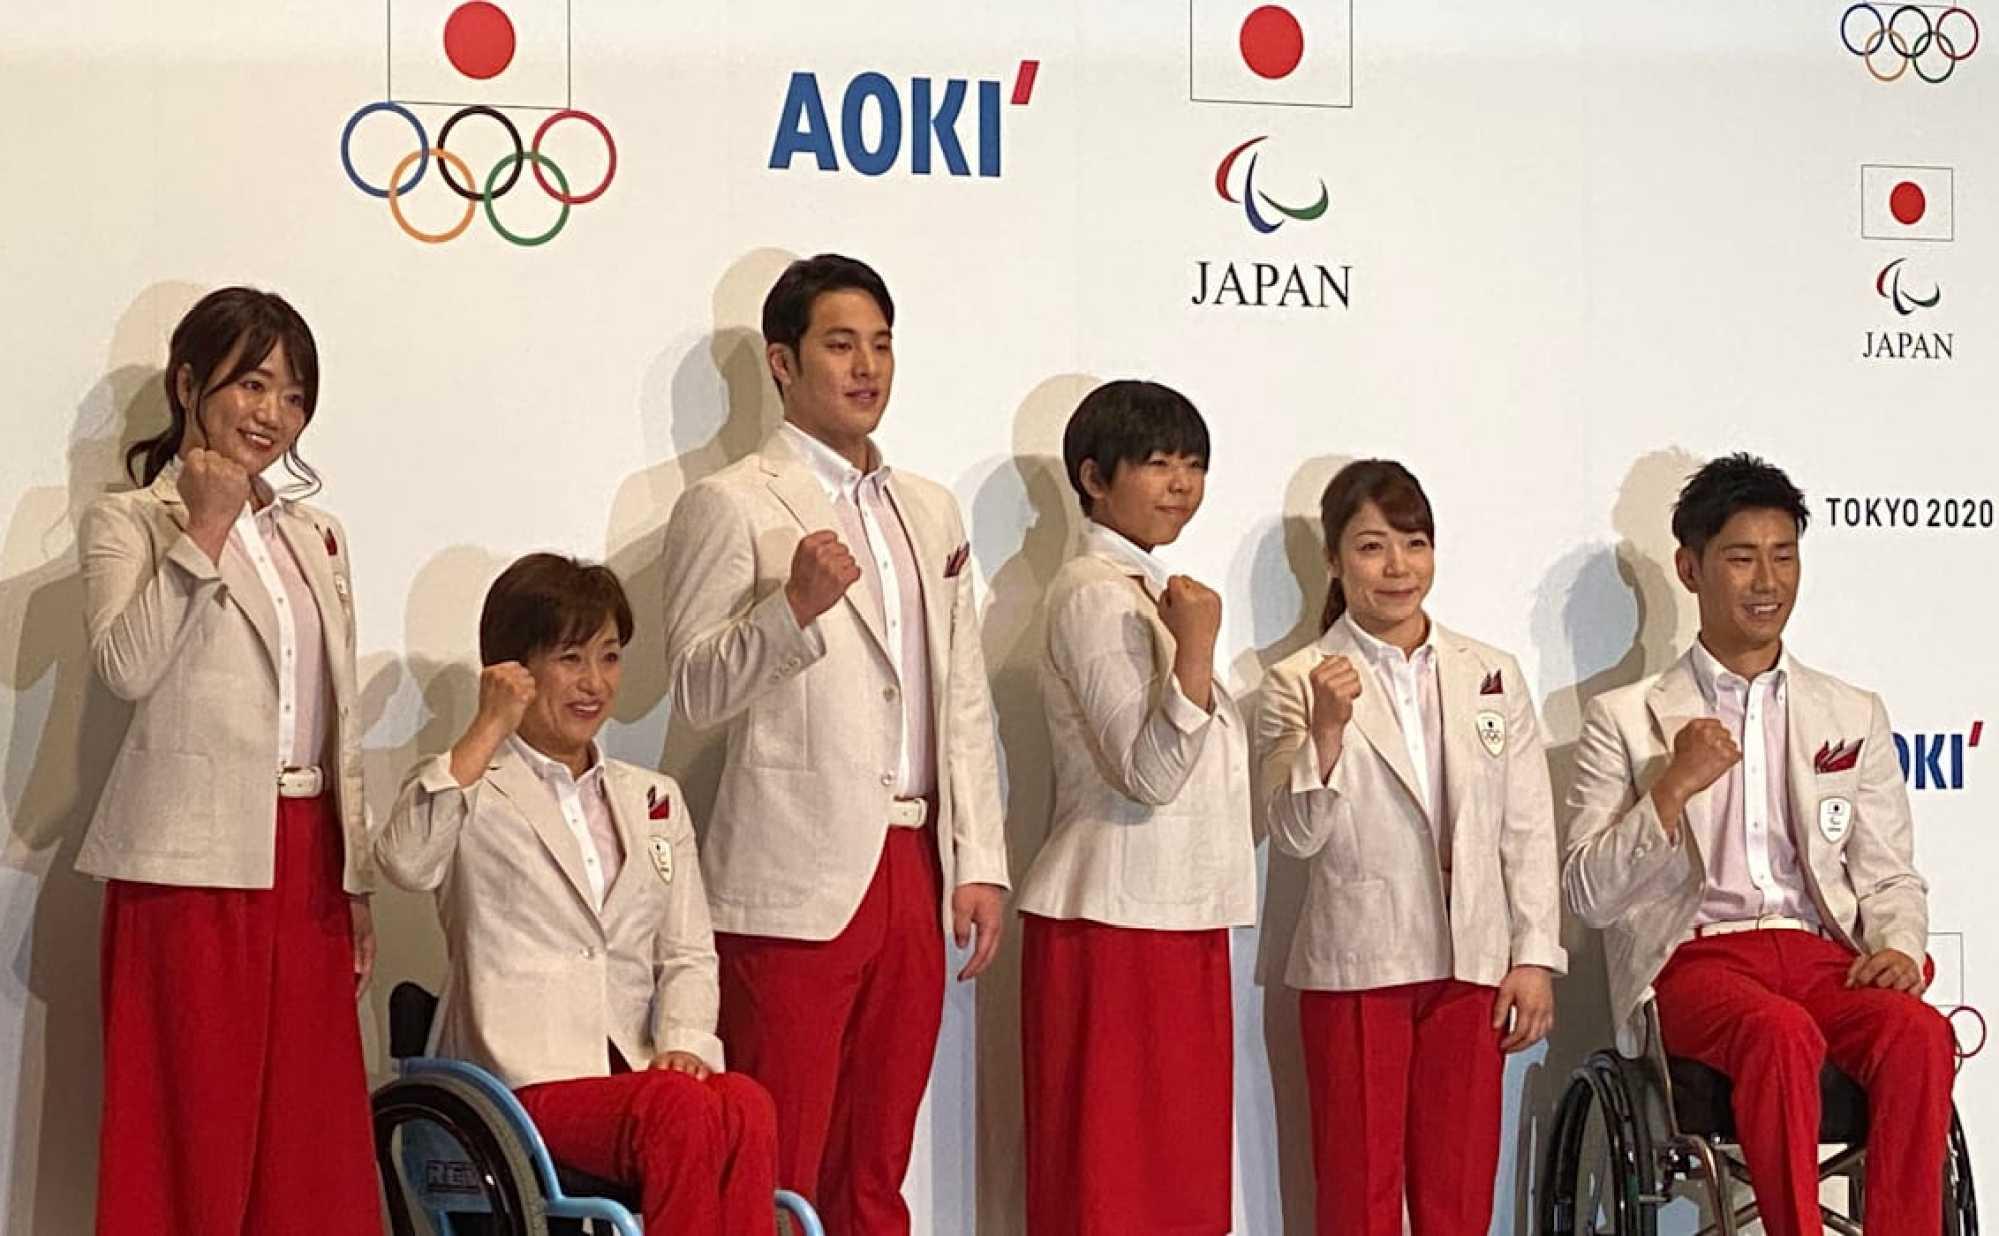 Nhật Bản: Đồng phục của các vận động viên Olympic được thiết kế bởi Aoki, bao gồm một chiếc áo khoác ngoài màu trắng kết hợp với váy hoặc quần màu đỏ, gợi lại đồng phục của các tiếp viên hàng không sử dụng từ những năm 80. Các thiết kế mang màu sắc của quốc kỳ Nhật Bản, được làm bằng sợi thực vật thân thiện với môi trường và có khả năng chống nóng, đồng thời tôn vinh bộ trang phục đội nhà đã mặc tại Thế vận hội Tokyo đầu tiên vào năm 1964.